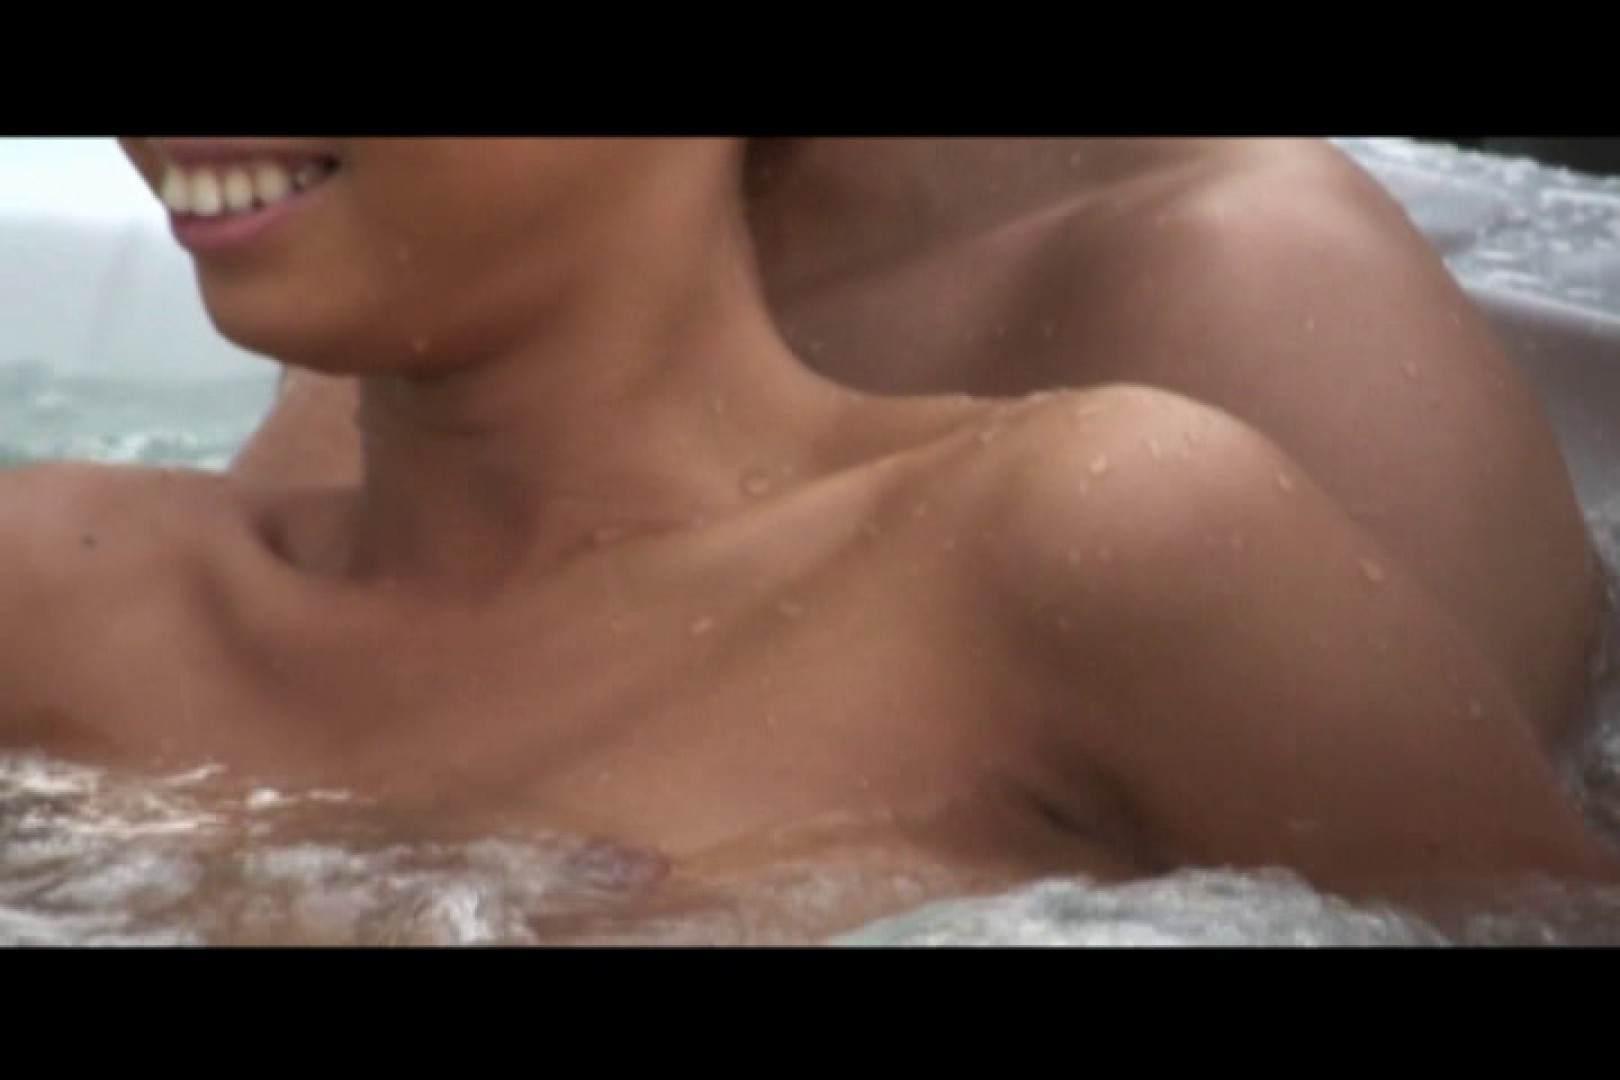 貸切露天 発情カップル! vol.05 露天風呂の女子達 | カップル  85画像 41